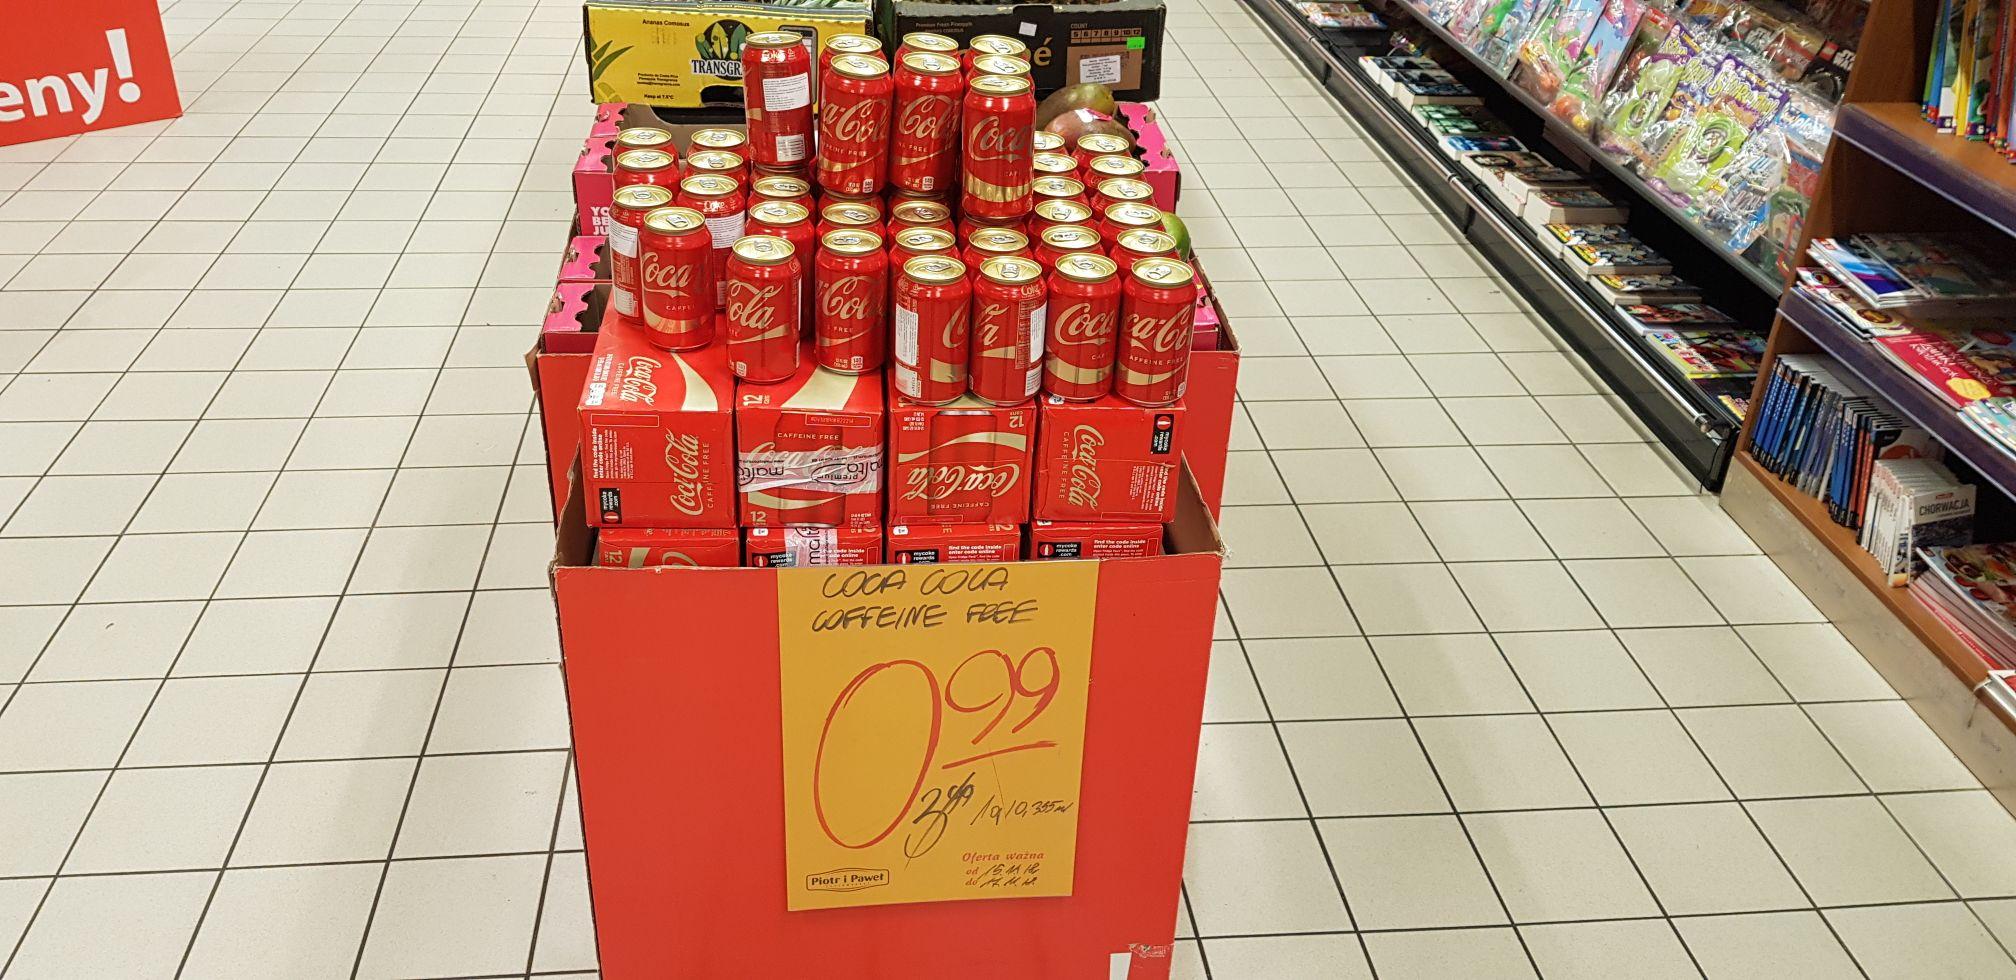 Coca cola z USA za 0.99zl w Piotrze i Pawle Avenida